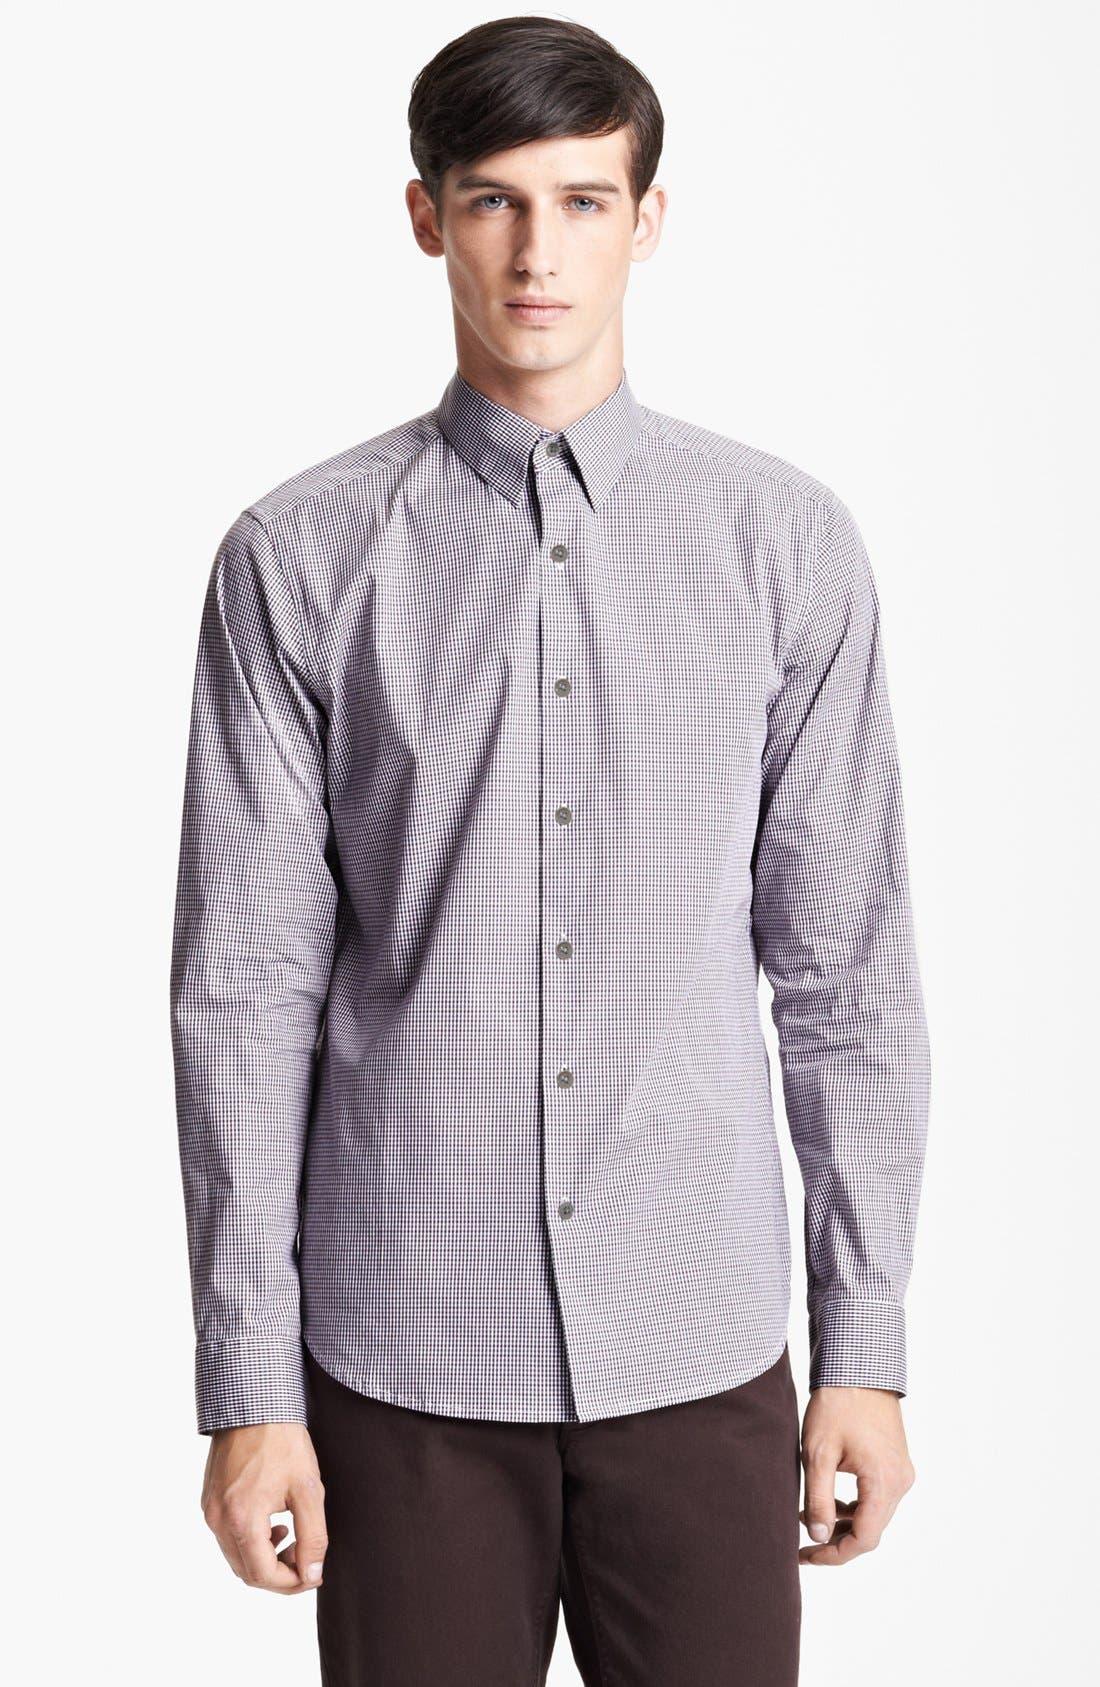 Main Image - Theory 'Accolade' Woven Shirt